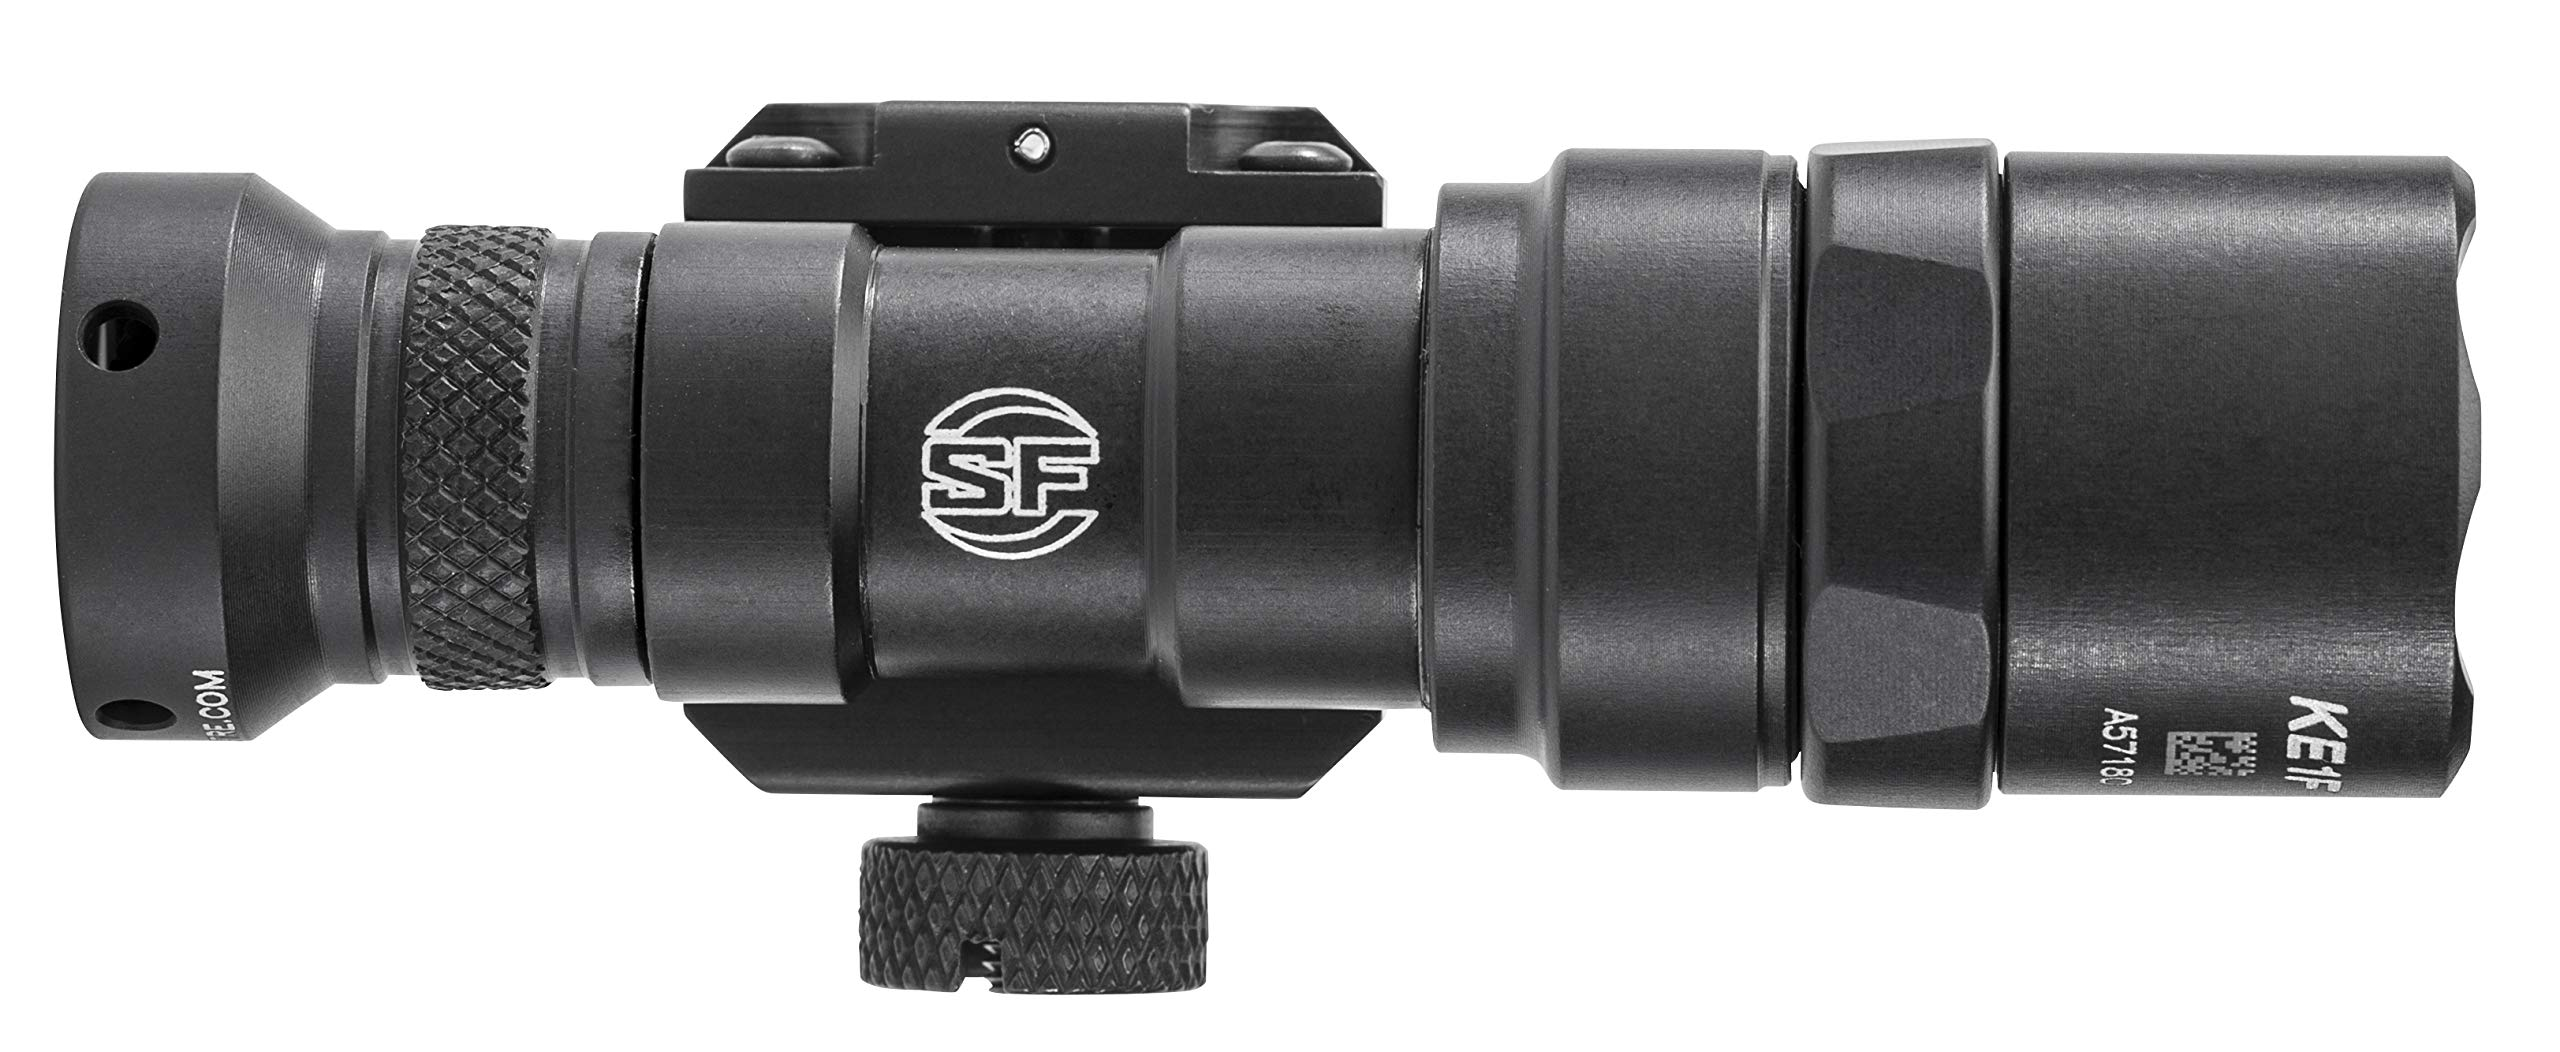 SureFire M300 Mini Scout M300 Mini Scout Light w/Z68 Click-Type tailcap pushbutton Switch, Black, Black by SureFire (Image #3)